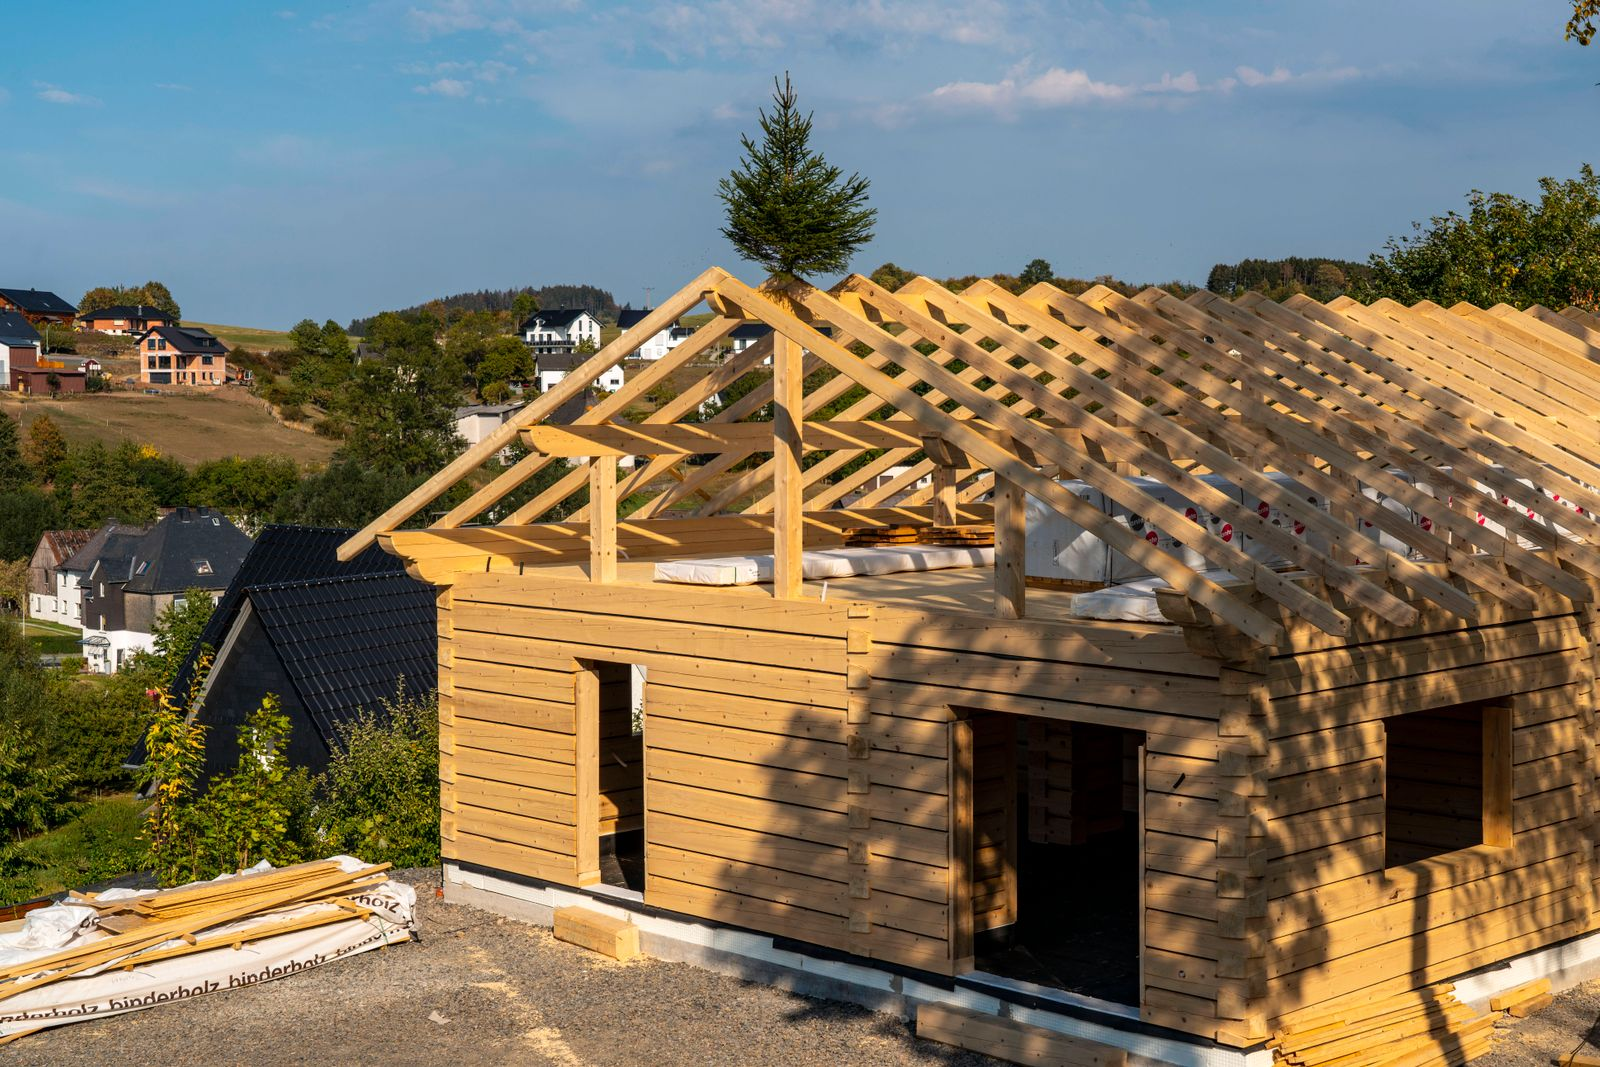 Rohbau eines Holzhauses, Geb?ude, komplett aus Holz gebaut, im Dorf Hesborn, im Sauerland, NRW, Deutschland Holzhaus ***